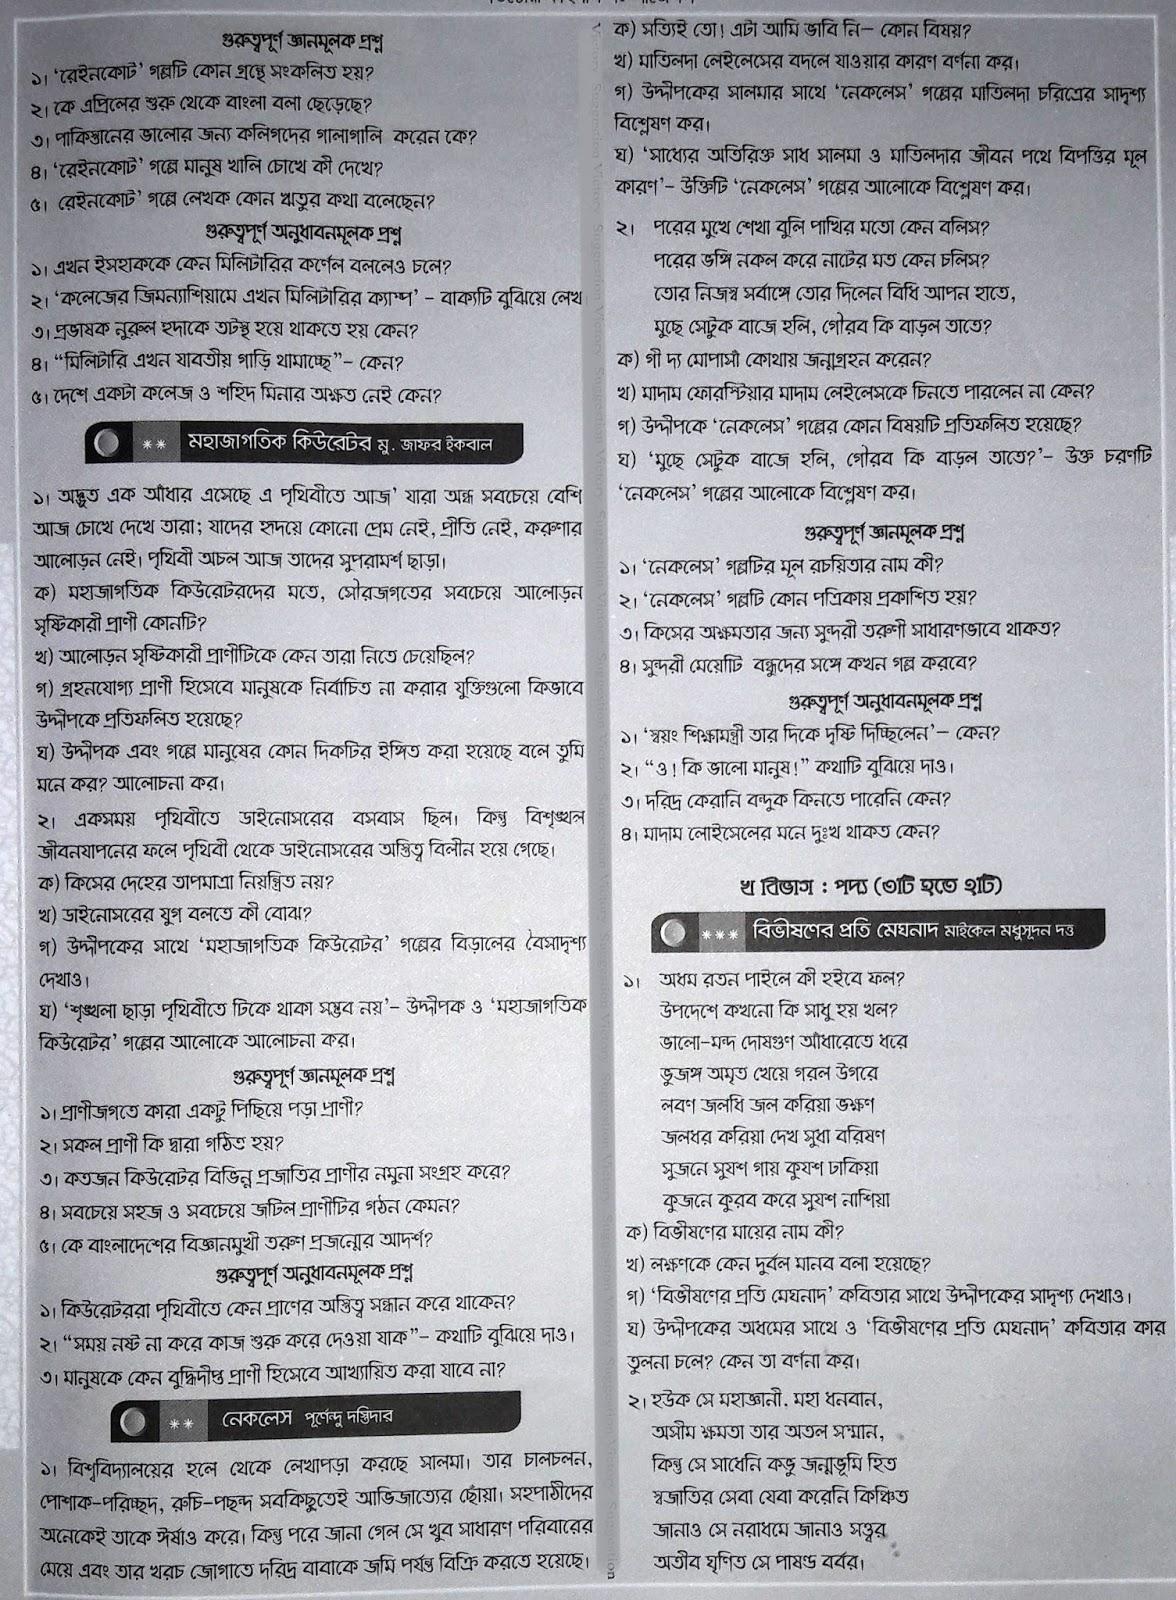 HSC Bangla 1st Paper Suggestion, question paper, question out